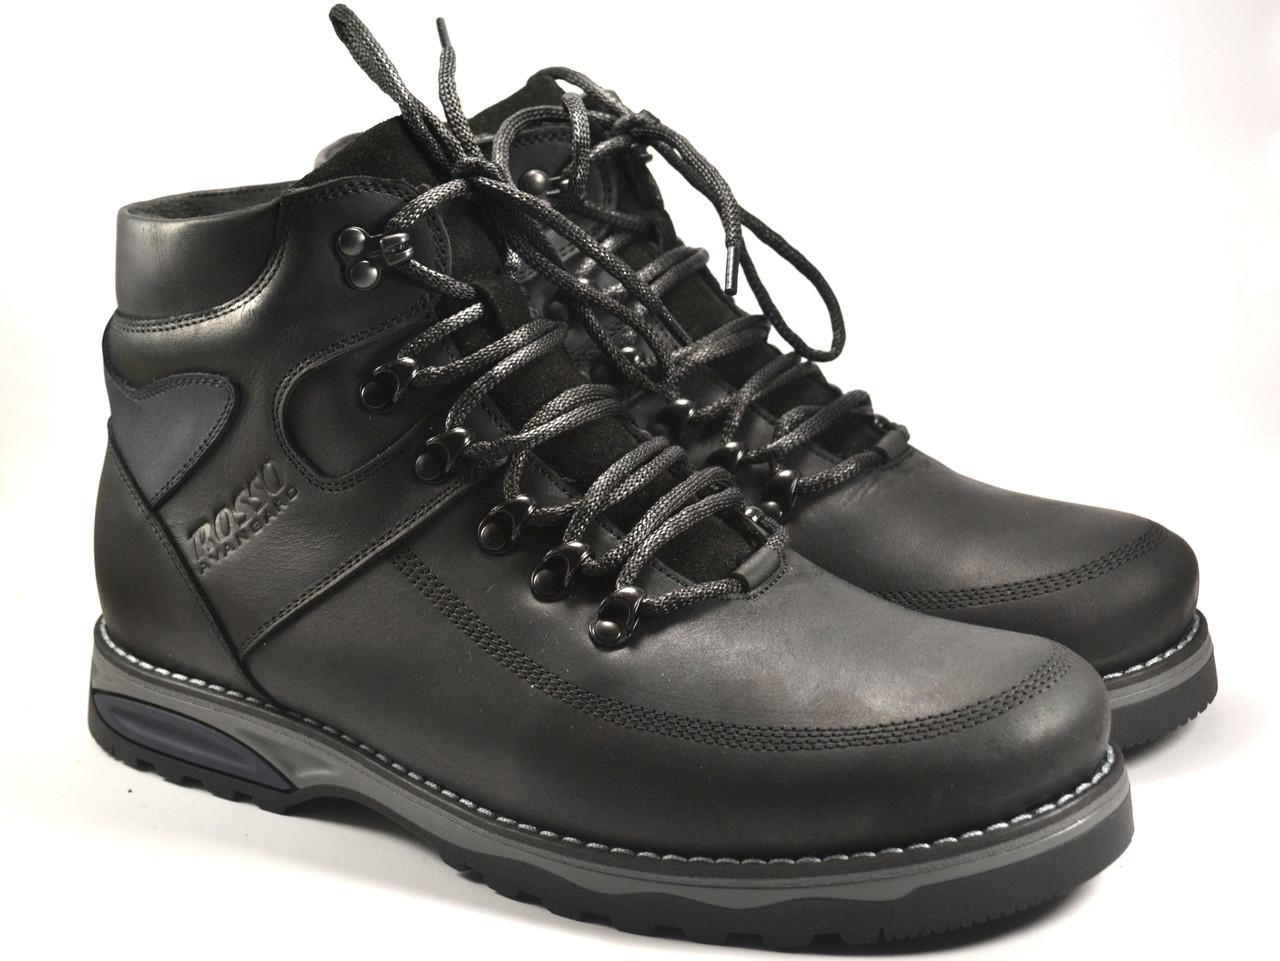 Ботинки зимние большой размер мужские черные кожаные на меху Rosso Avangard BS Major Payne Sport Trend Black